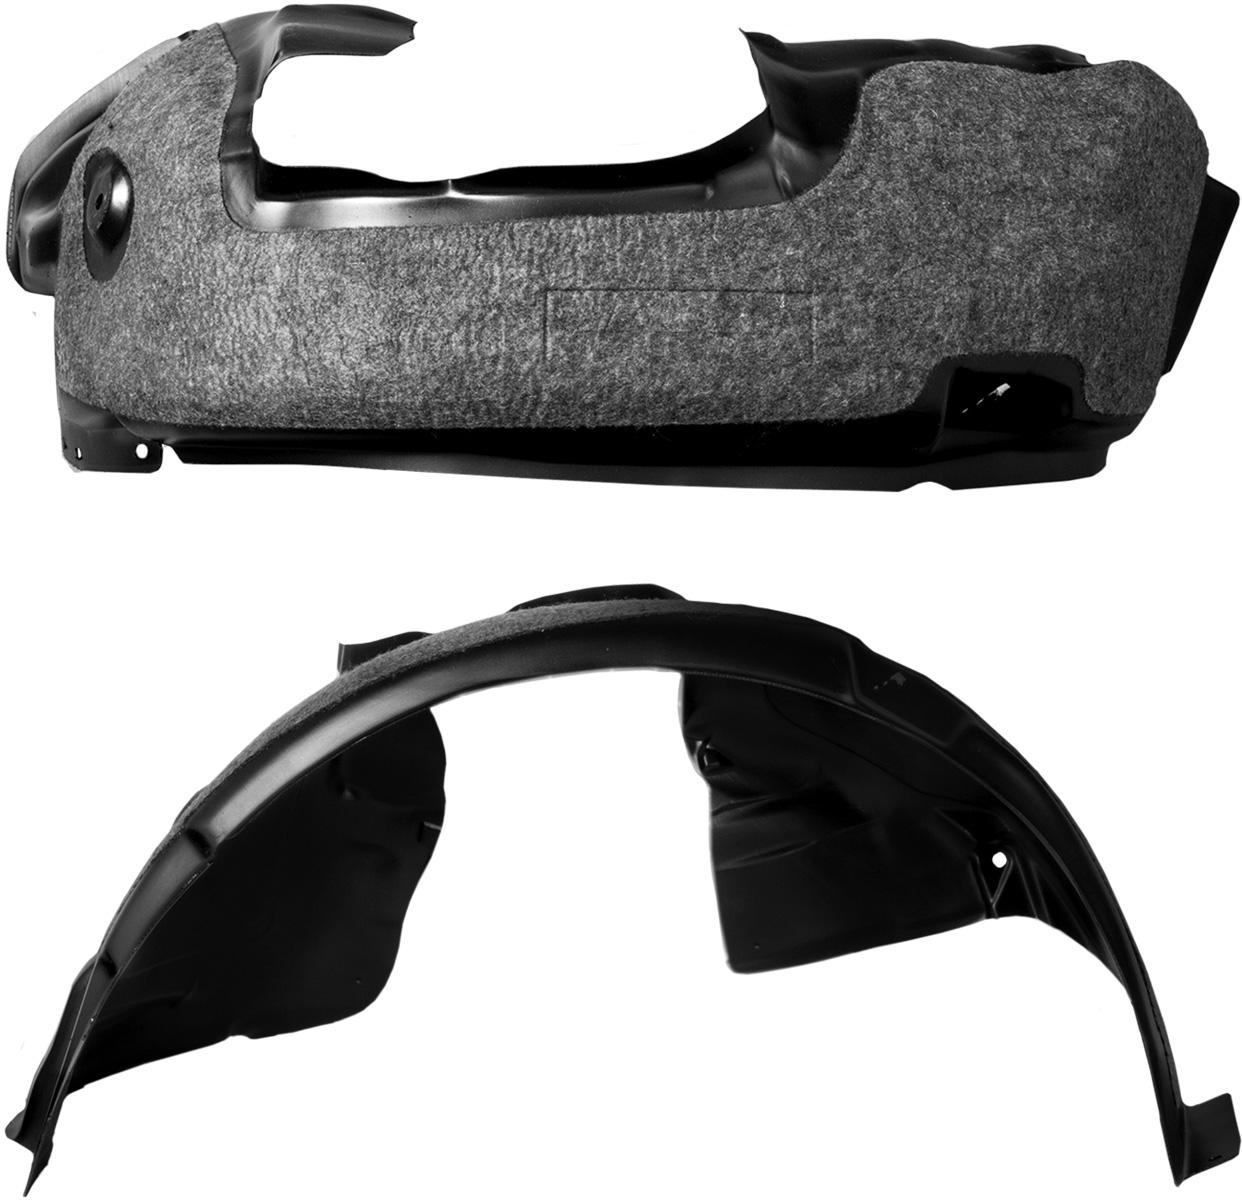 Подкрылок с шумоизоляцией Novline-Autofamily, для Peugeot Boxer, 08/2014 ->, без/с расширителями арок (задний правый)NLS.38.20.004Подкрылок с шумоизоляцией - революционный продукт, совмещающий в себе все достоинства обычного подкрылка, и в то же время являющийся одним из наиболее эффективных средств борьбы с внешним шумом в салоне автомобиля. Подкрылки бренда Novline-Autofamily разрабатываются индивидуально для каждого автомобиля с использованием метода 3D-сканирования.В качестве шумоизолирующего слоя применяется легкое синтетическое нетканое полотно толщиной 10 мм, которое отталкивает влагу, сохраняет свои шумоизоляционные свойства на протяжении всего периода эксплуатации.Подкрылки с шумоизоляцией не имеют эксплуатационных ограничений и устанавливаются один раз на весь срок службы автомобиля.Подкрылки с шумоизоляцией не имеют аналогов и являются российским изобретением, получившим признание во всём мире. Уважаемые клиенты! Обращаем ваше внимание, фото может не полностью соответствовать оригиналу.